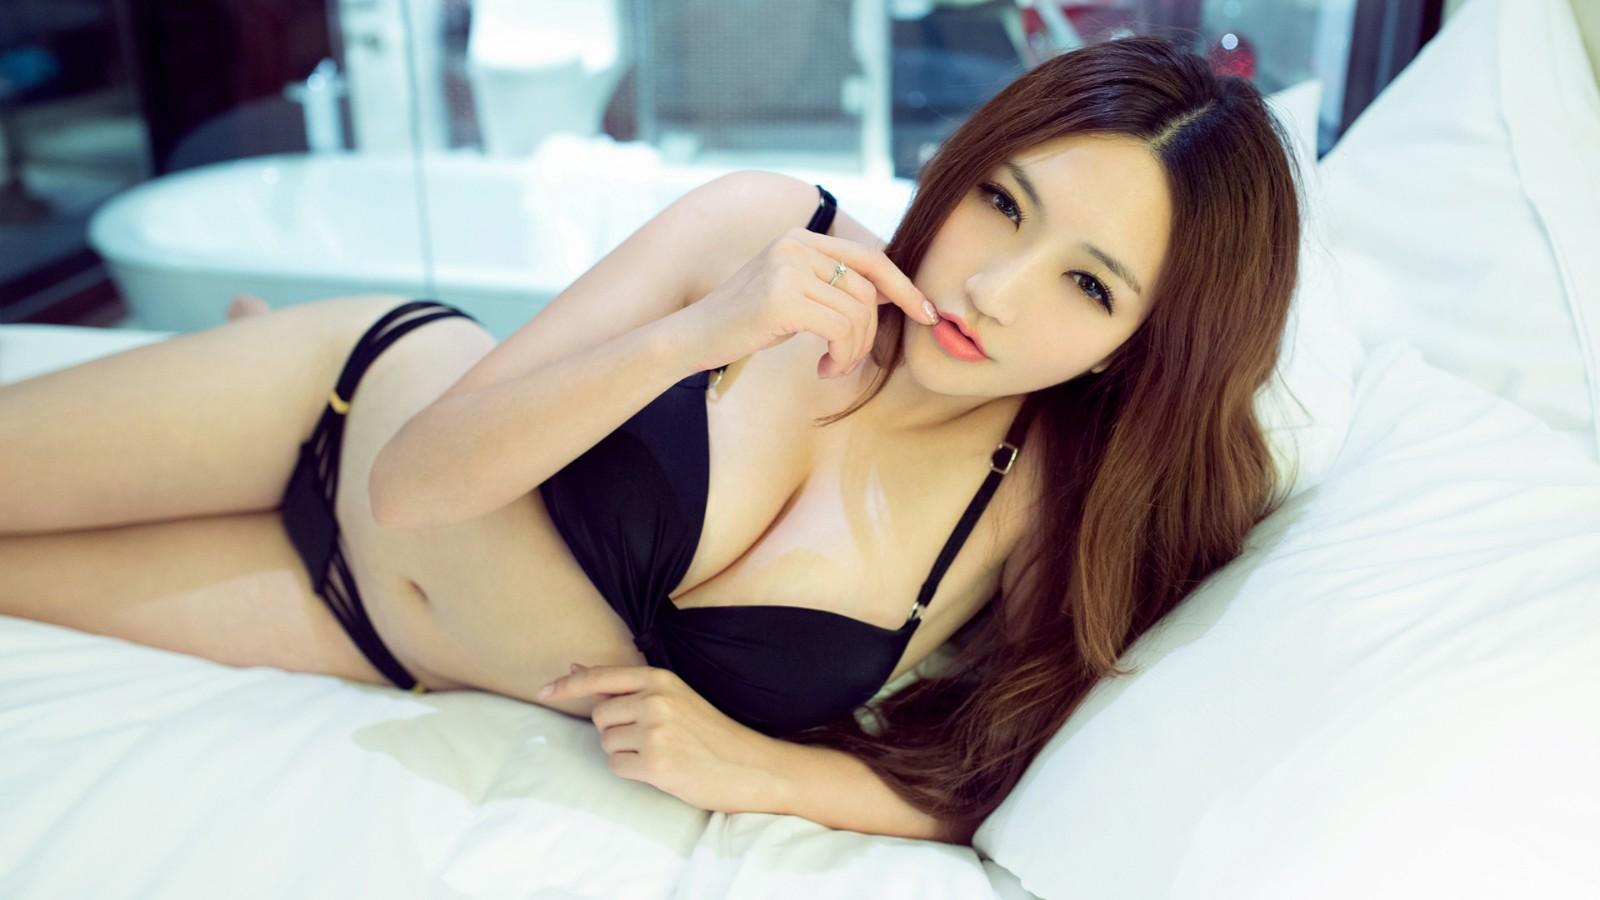 王明明 床上黑色性感内衣美女壁纸